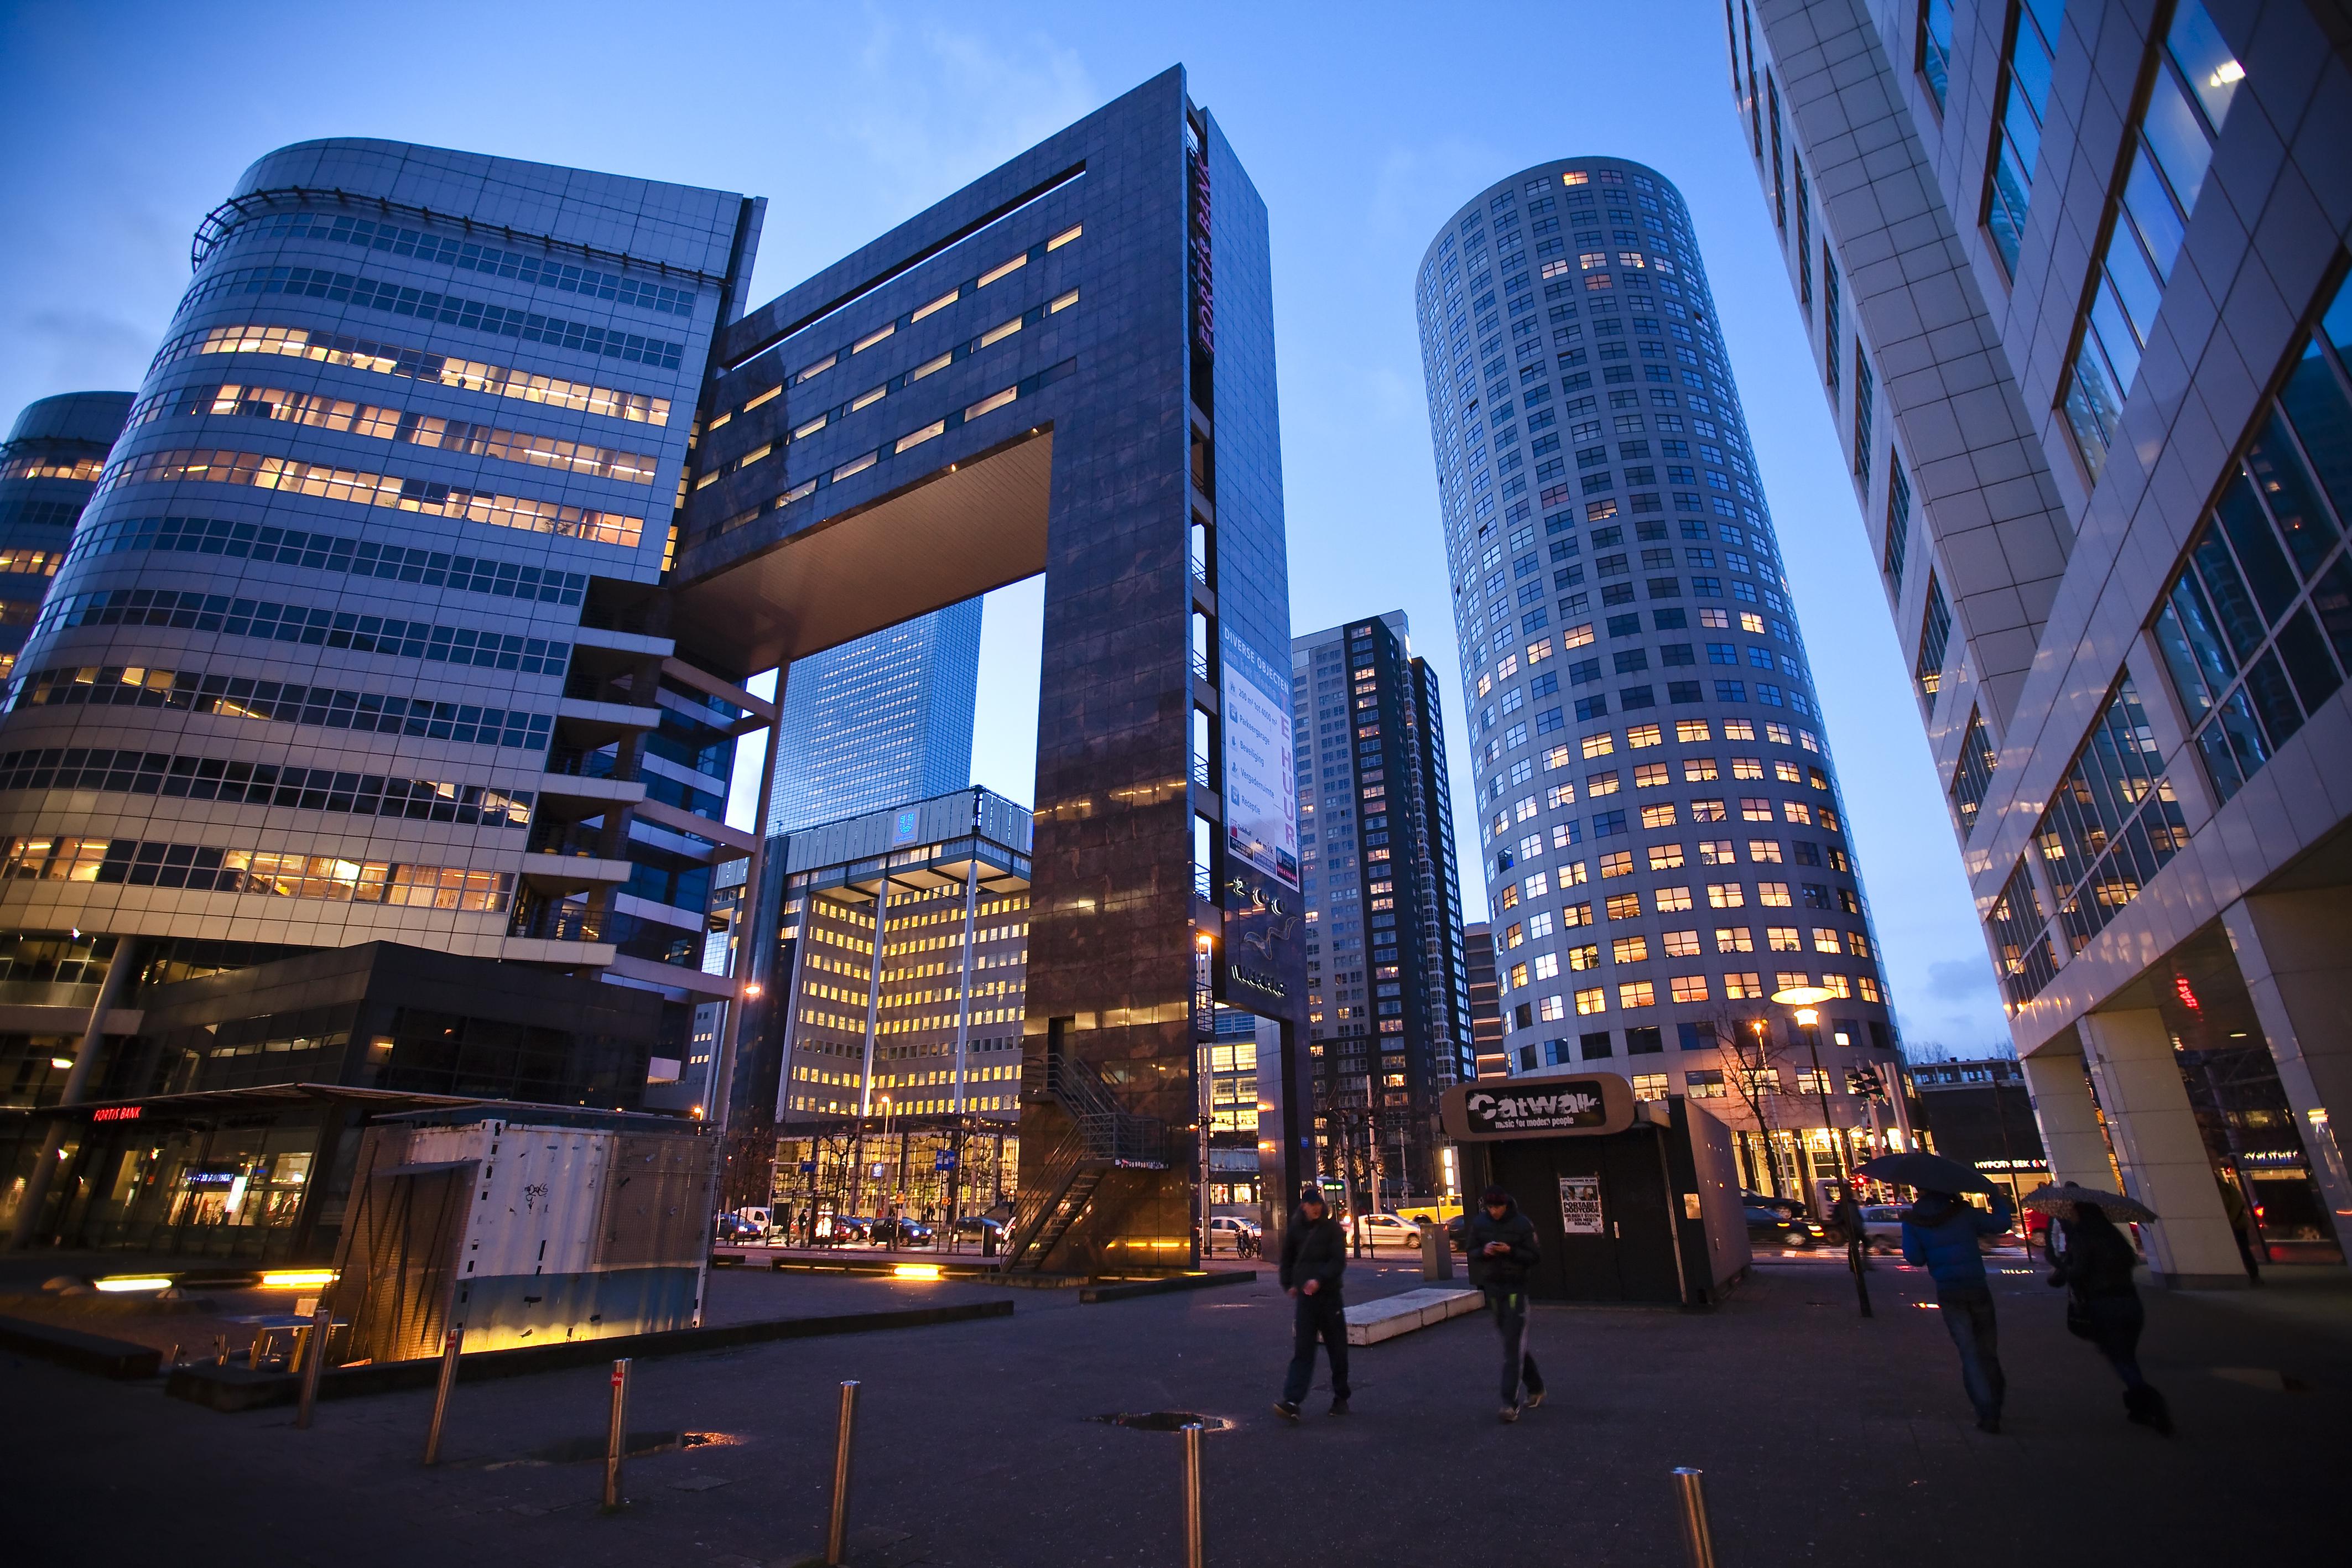 Het Weena, hoogbouw en moderne architectuur gezien vanaf de lijnbaan